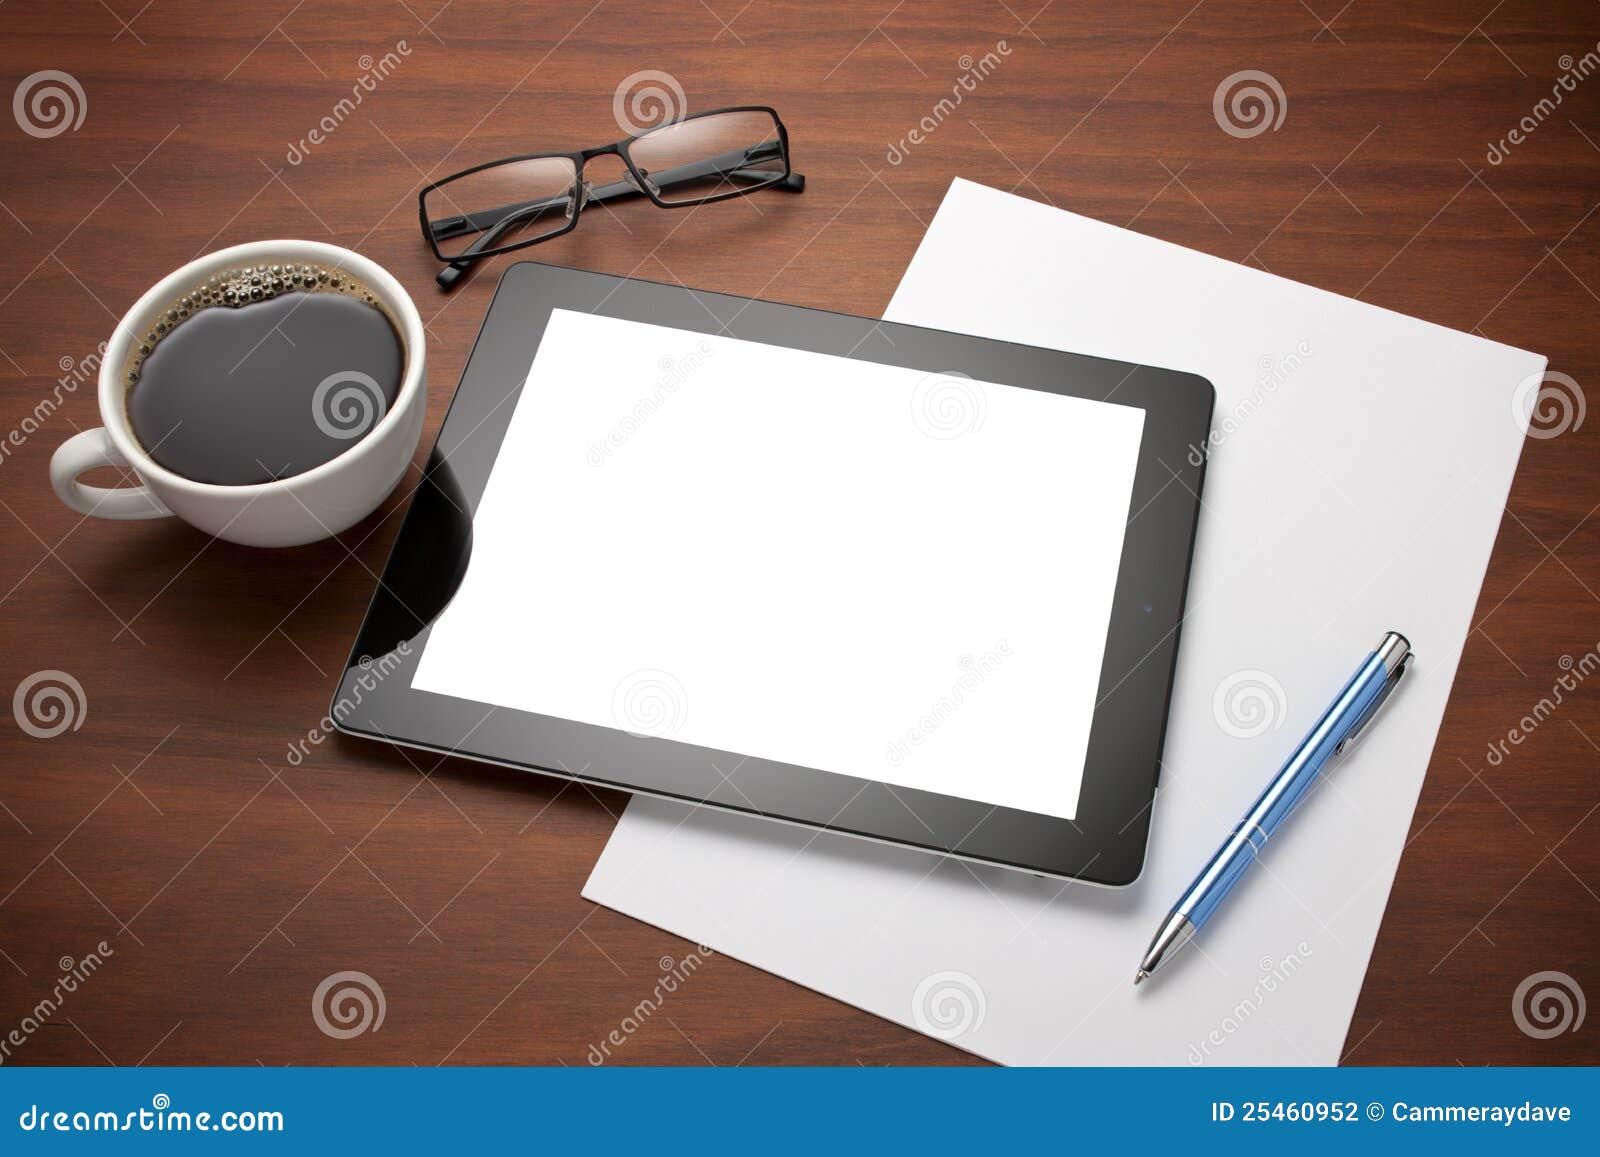 Bureau de lieu de travail de tablette d 39 ipad photographie stock image 25460952 for Photos gratuites travail bureau